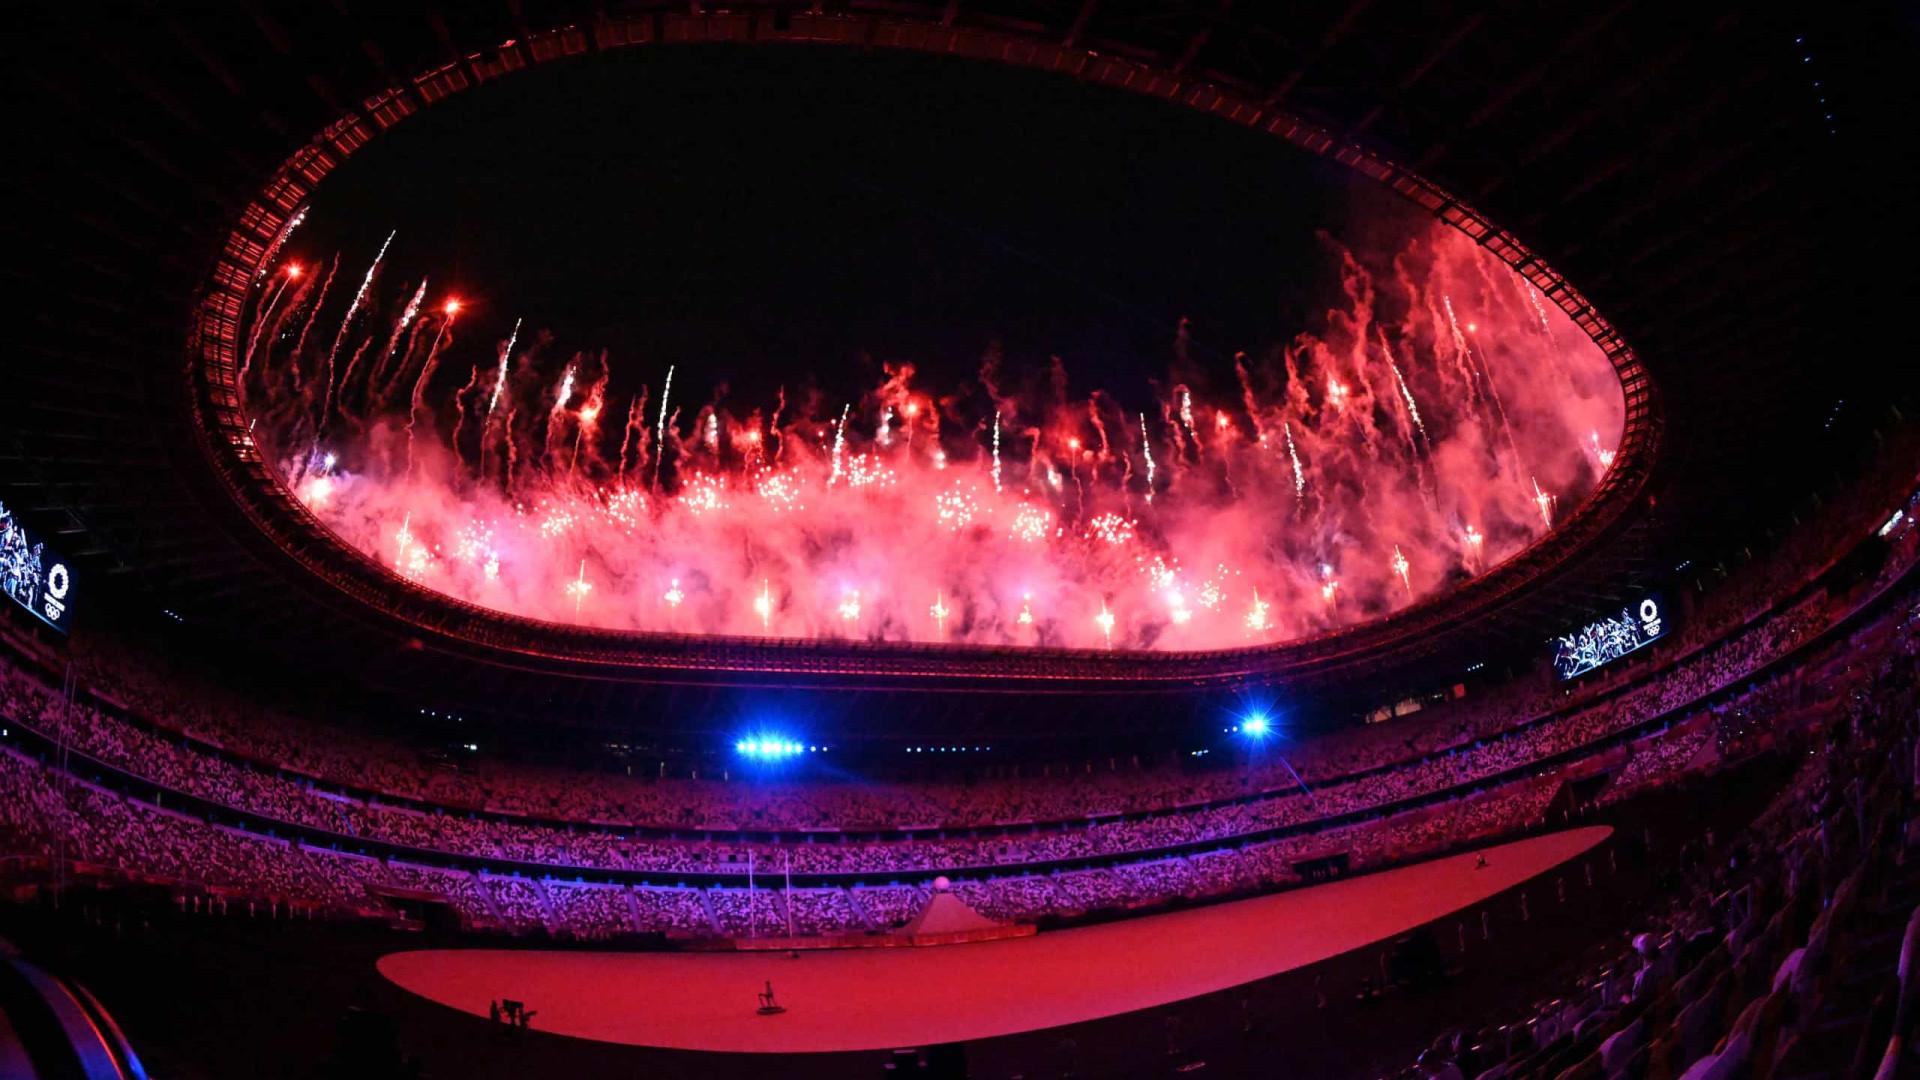 Começa a cerimônia de abertura das Olimpíadas de Tóquio